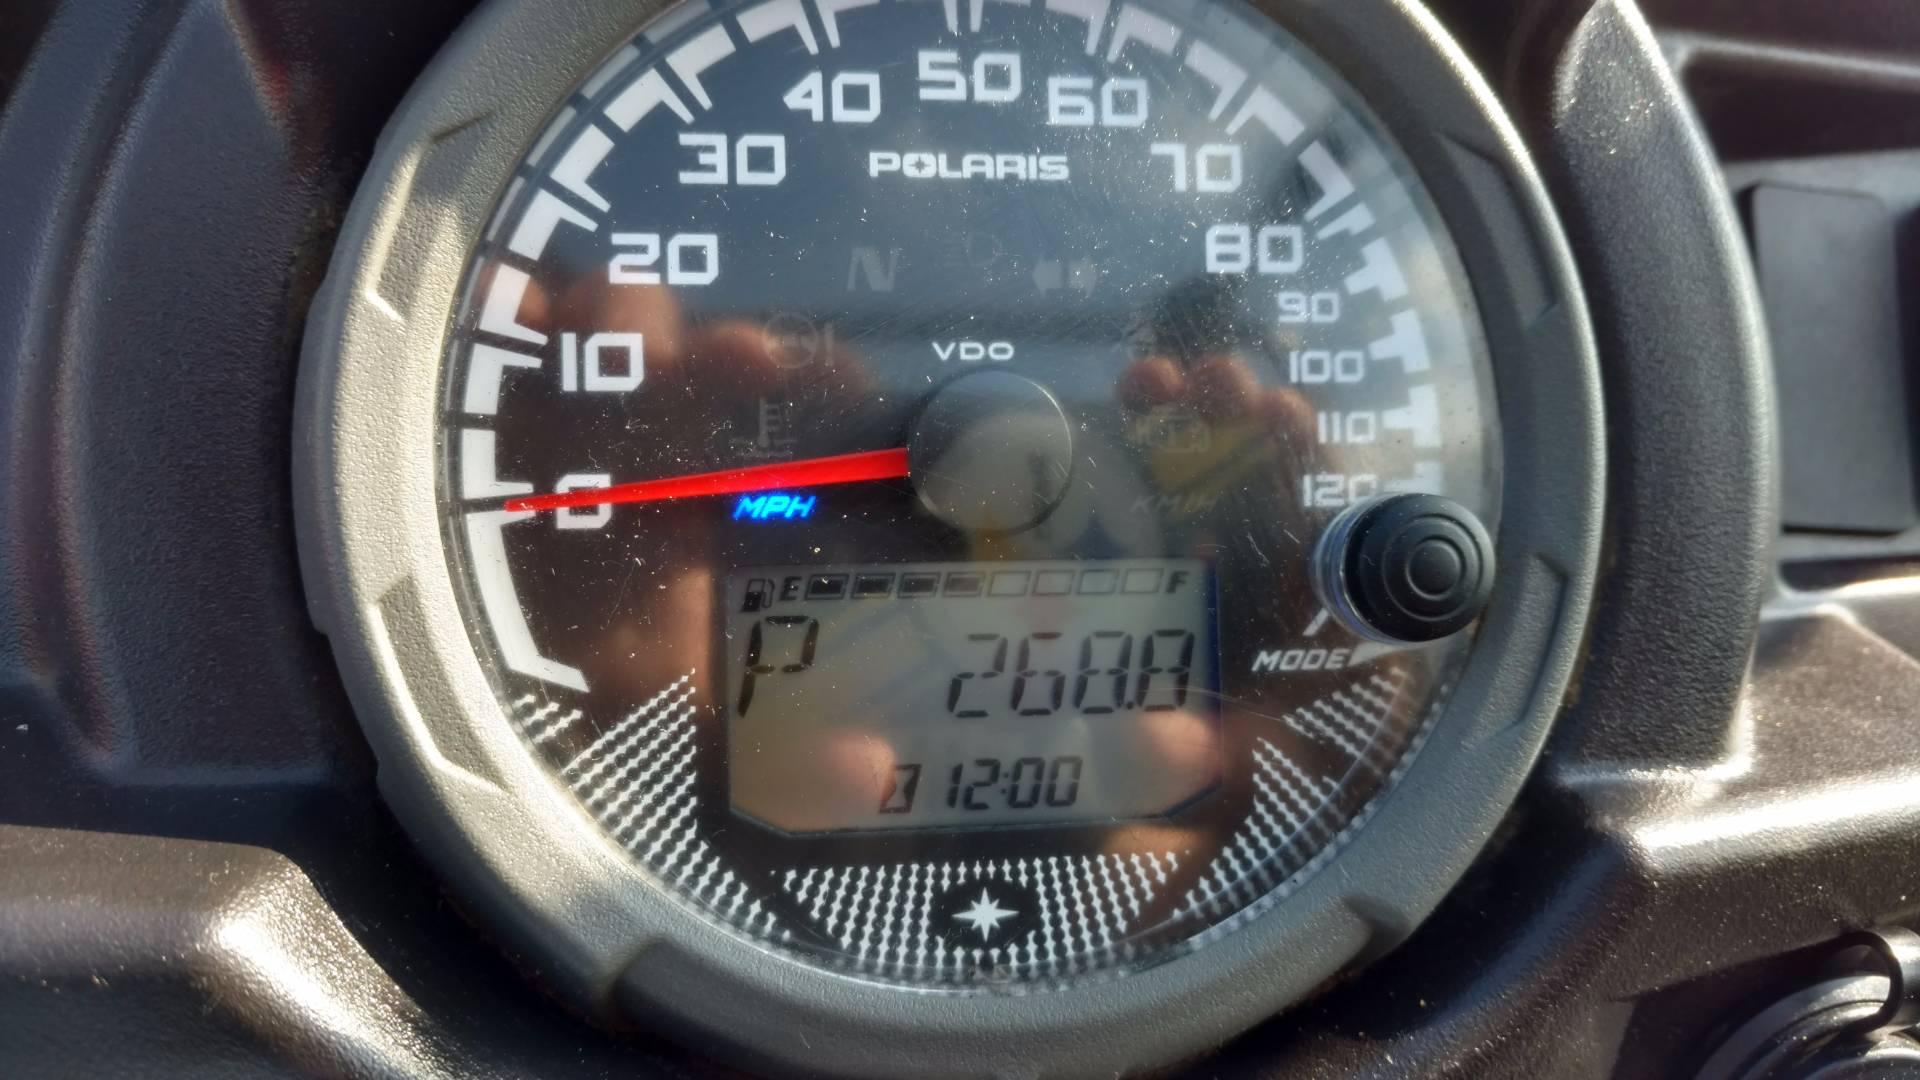 2014 Polaris RZR XP 1000 EPS 5